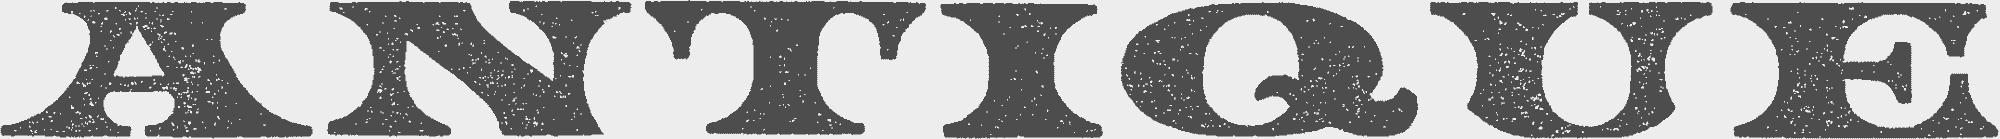 Sample of Atlas wood type